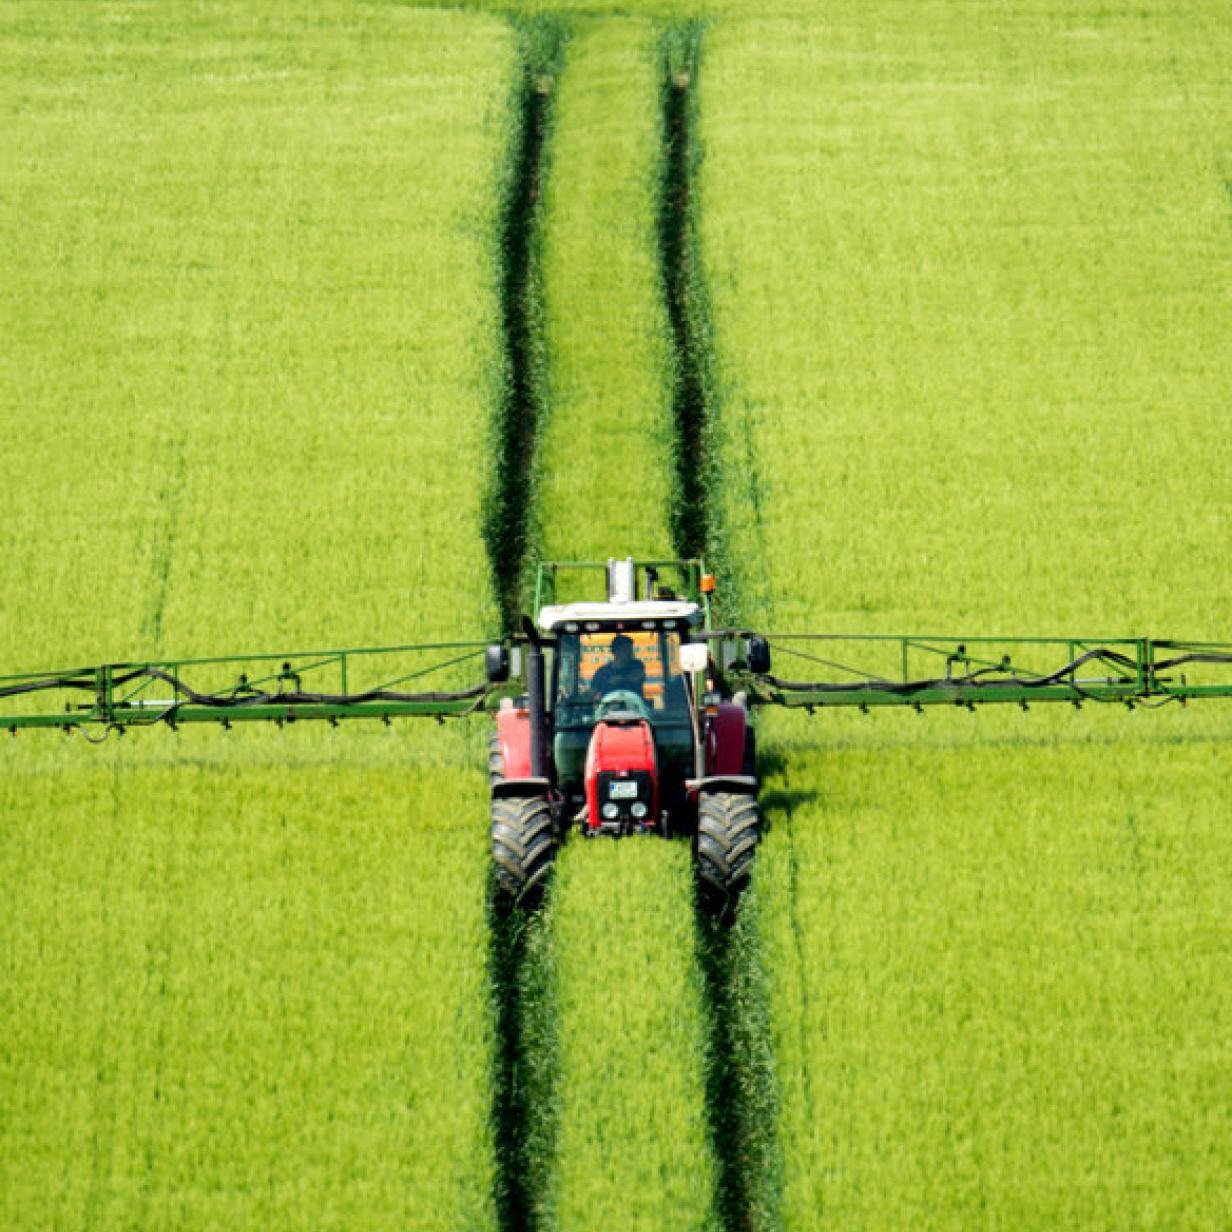 Nitratbelastung: Grundwasser muss laut EuGH geschützt werden